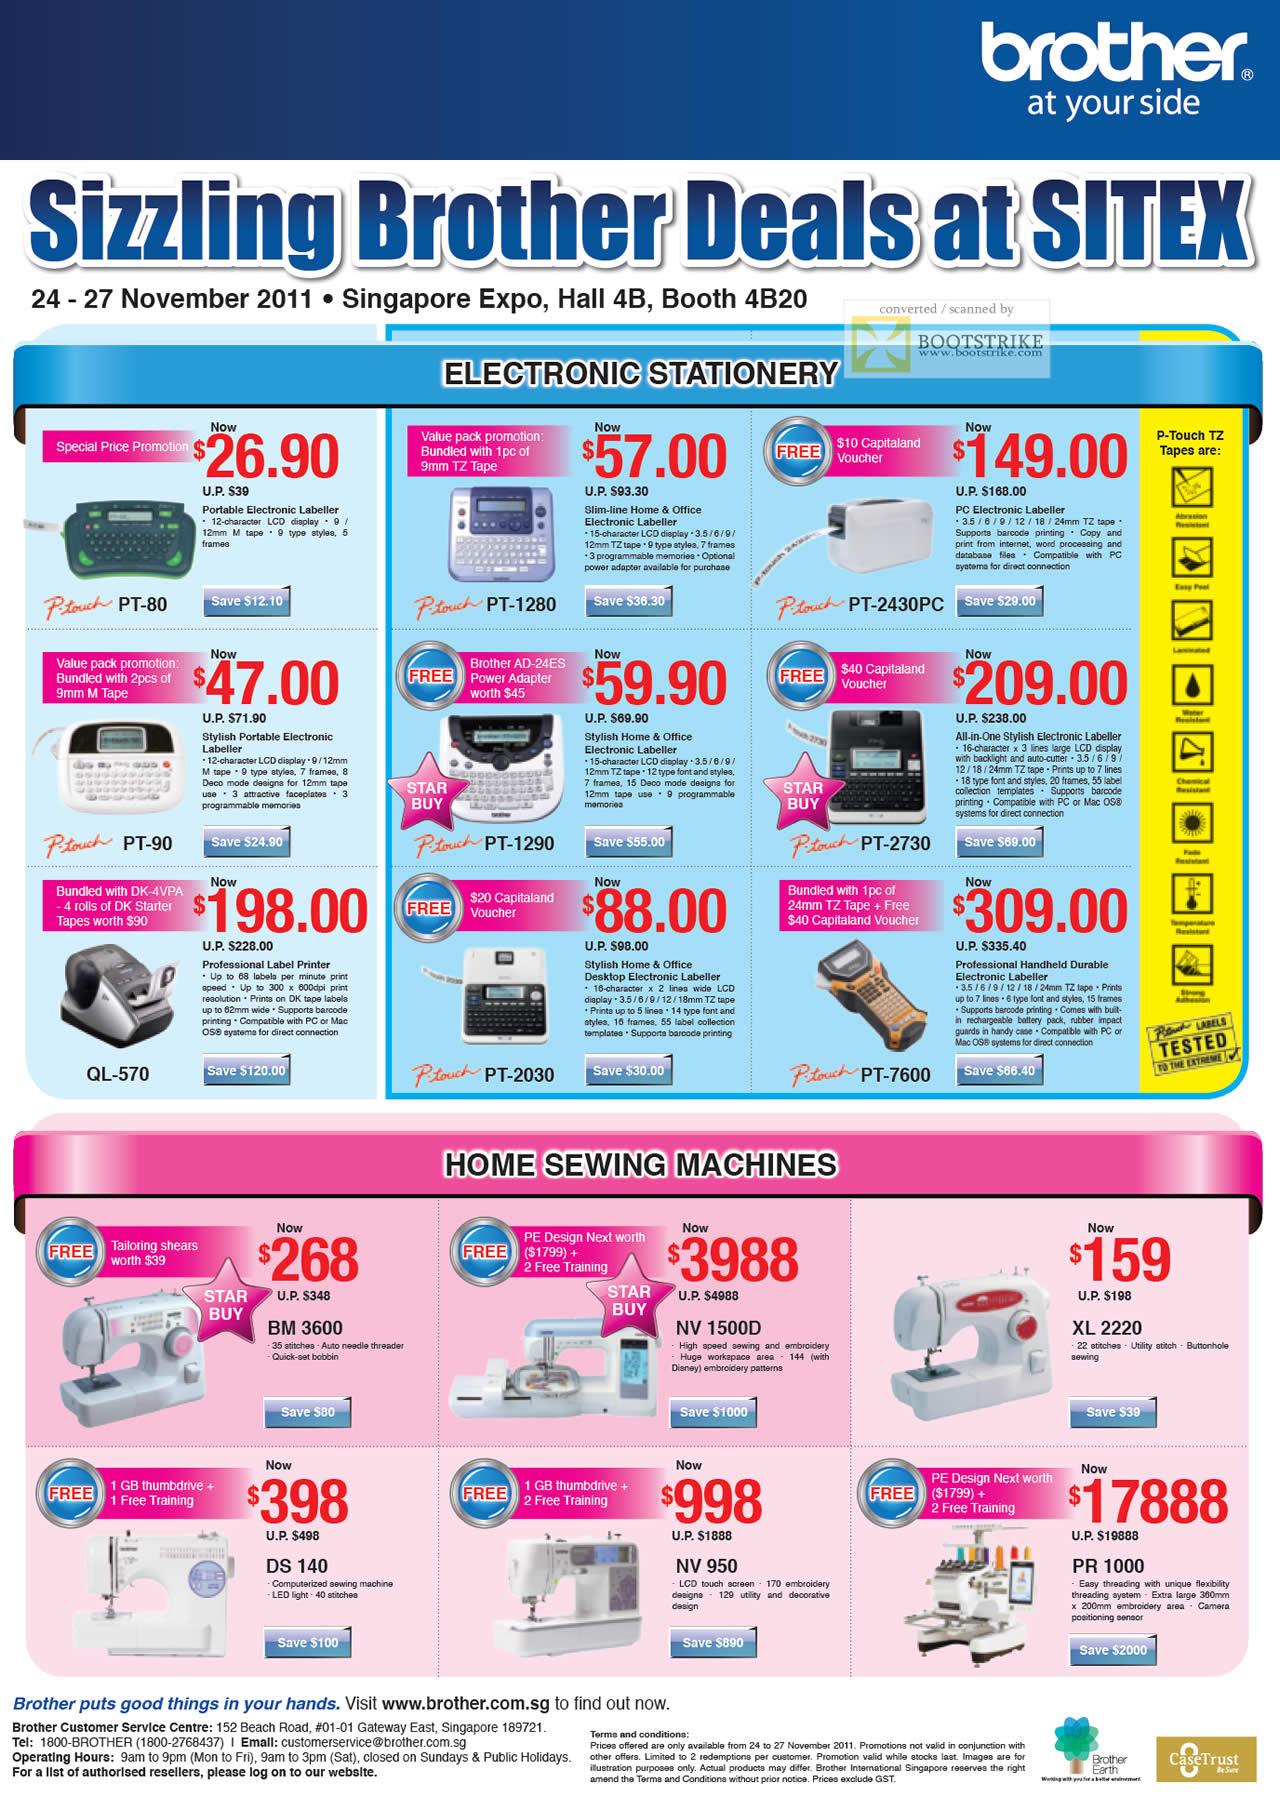 SITEX 2011 price list image brochure of Brother Labellers P-Touch PT-80, QL-570, PT-90, PT-1280, PT-2430PC, PT-1290, PT-2730, PT-2030, PT-7600, Sewing Machines BM 3600, NV 1500D, XL 2220, DS 140, NV 950, PR 1000